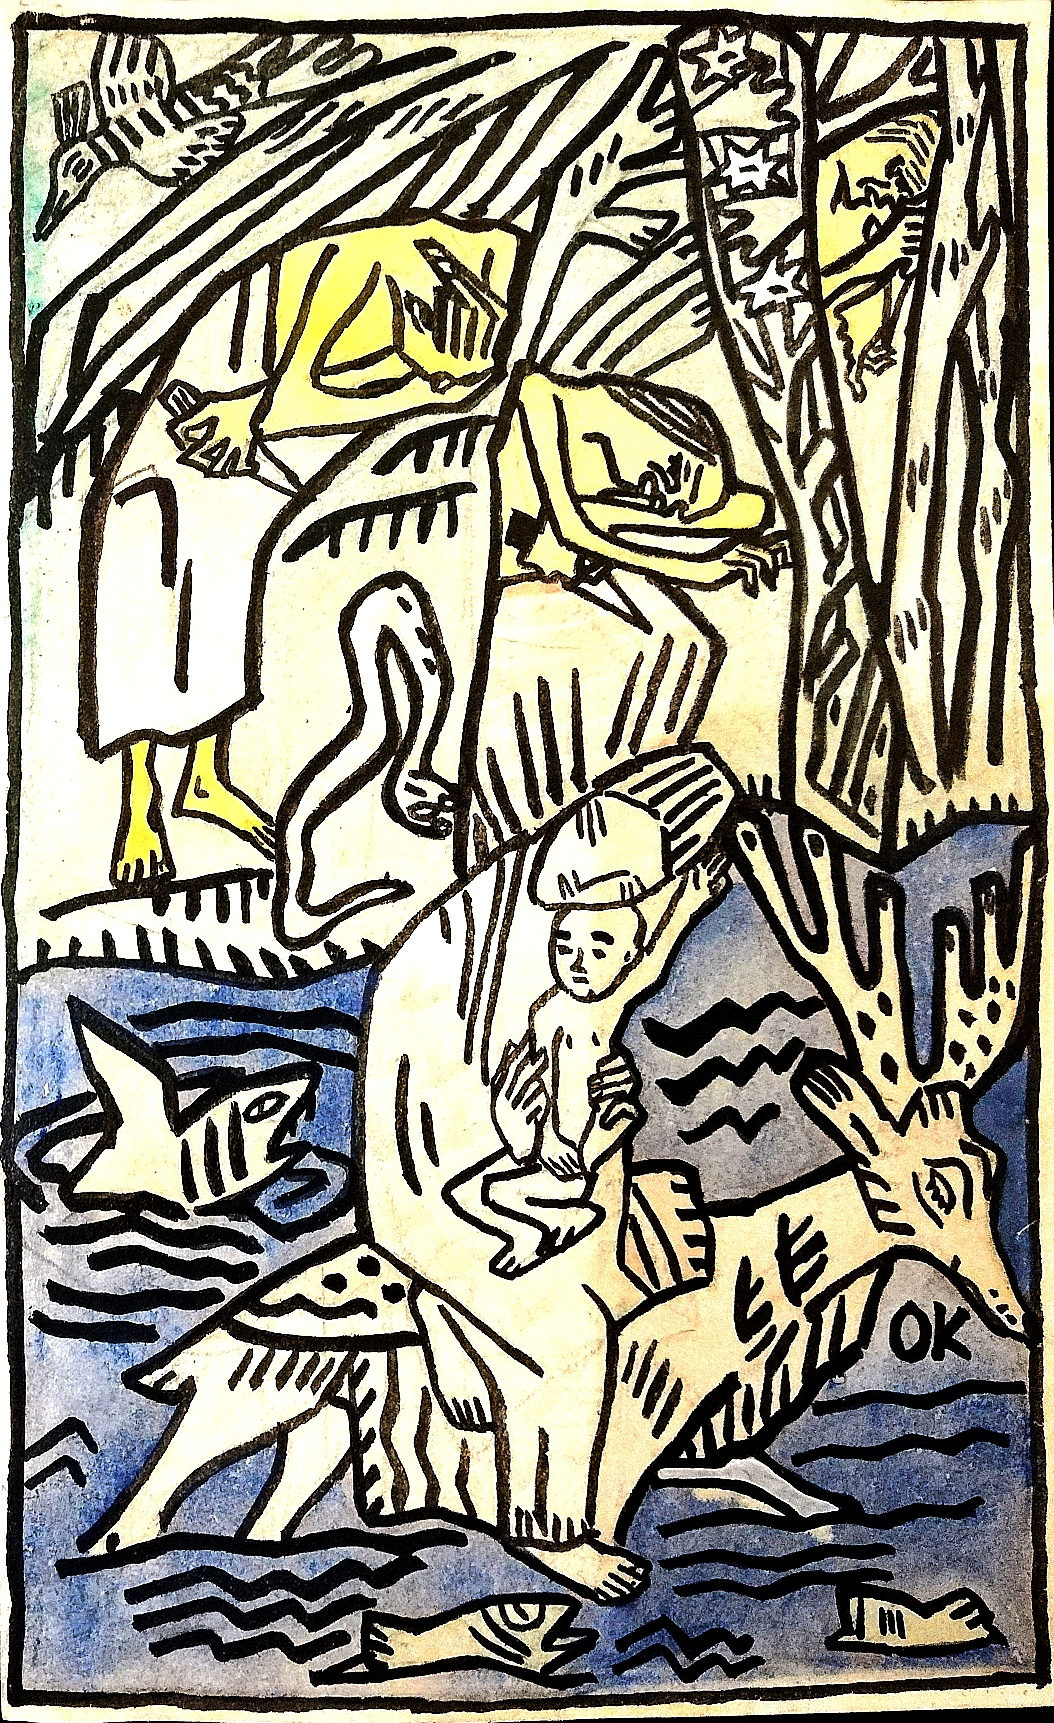 """Oskar Kokoschka, """"Madre e figlio attraversano il fiume"""" (1908, litografia)"""